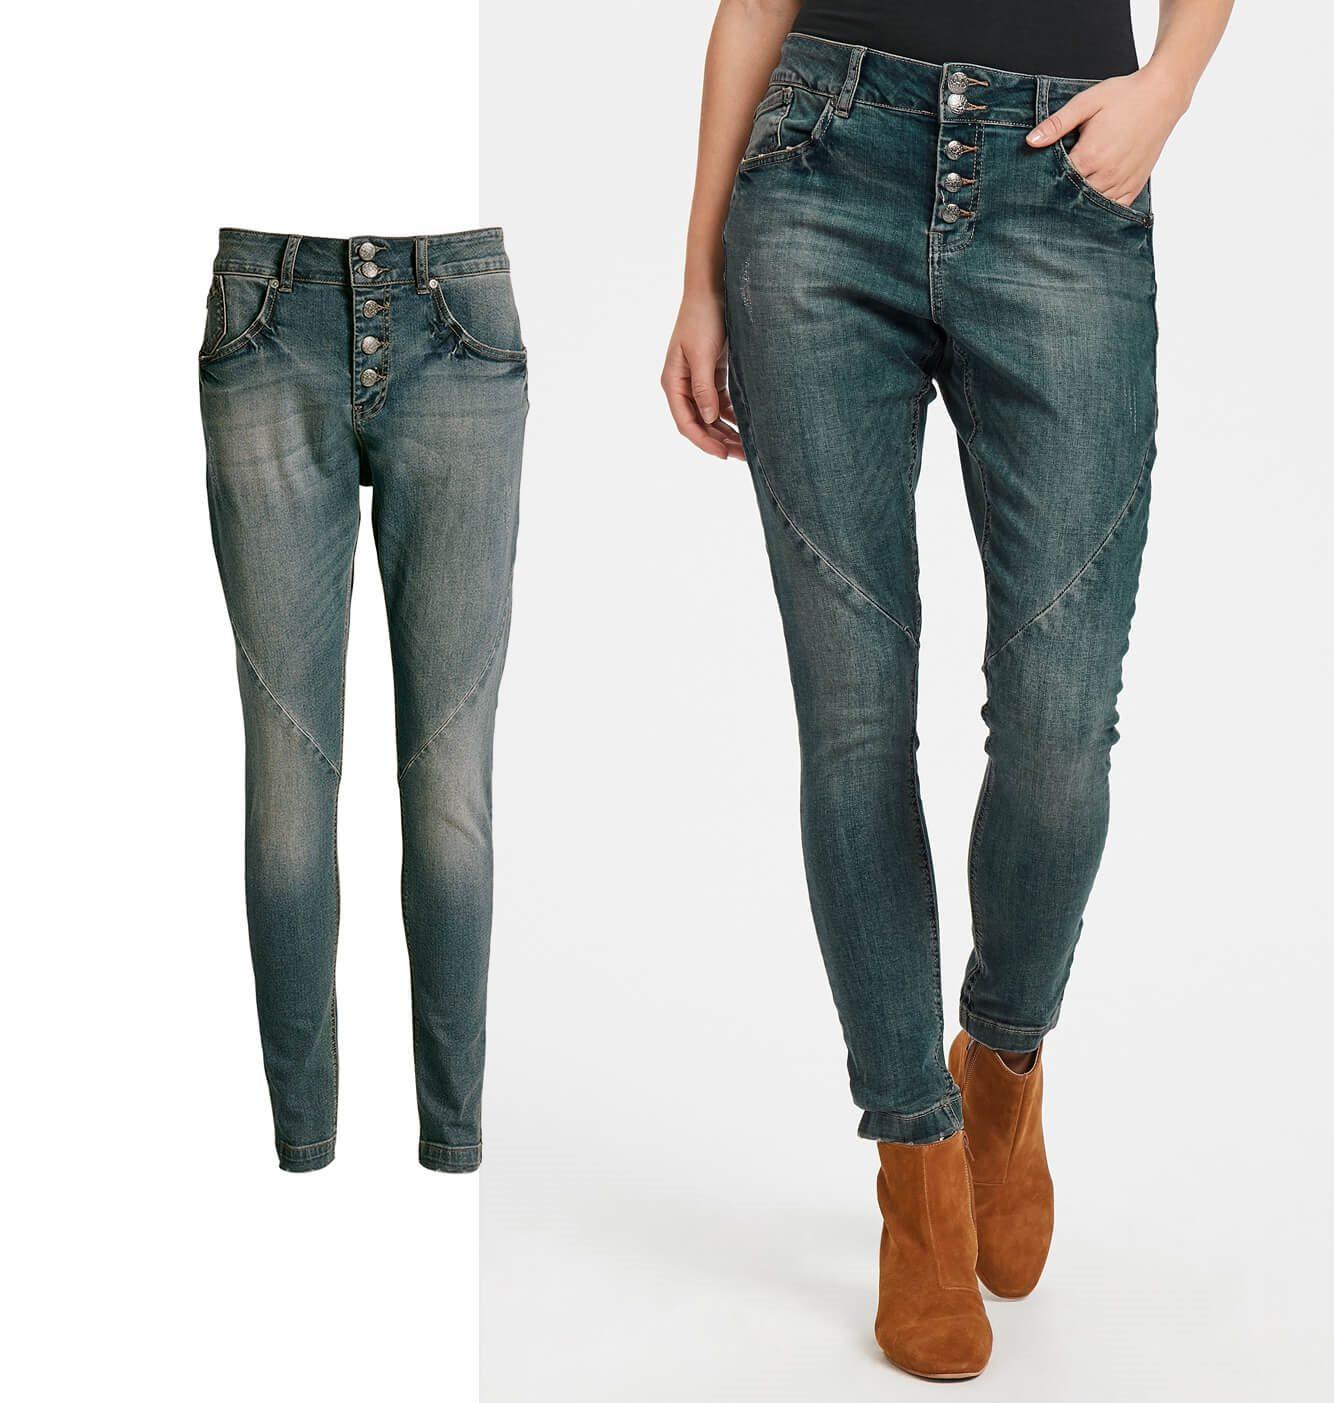 Jeans-guide 99014e18cda28